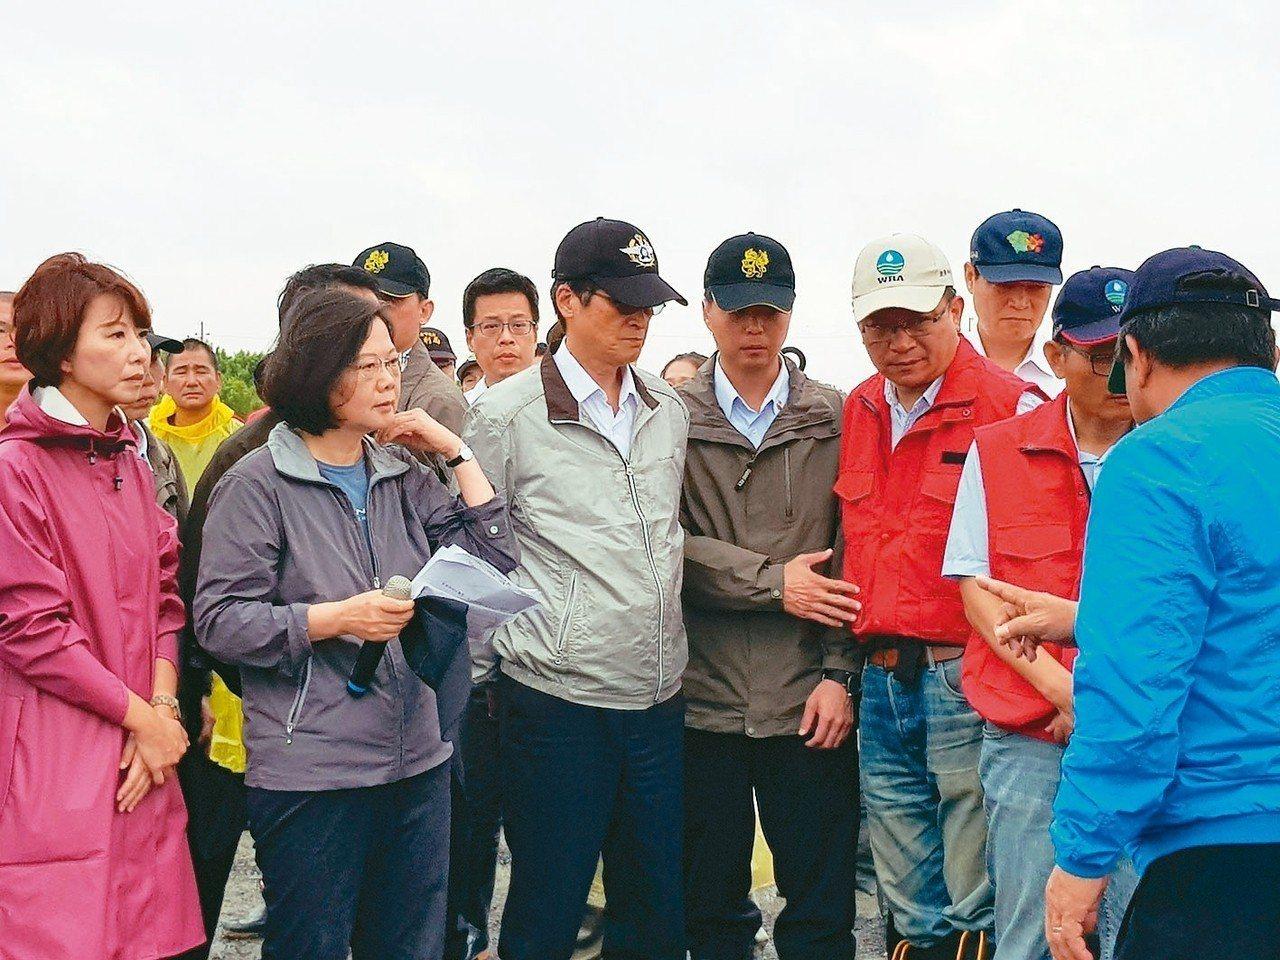 總統蔡英文上午前往台南市安南區曾文溪大排視察。 記者修瑞瑩/攝影